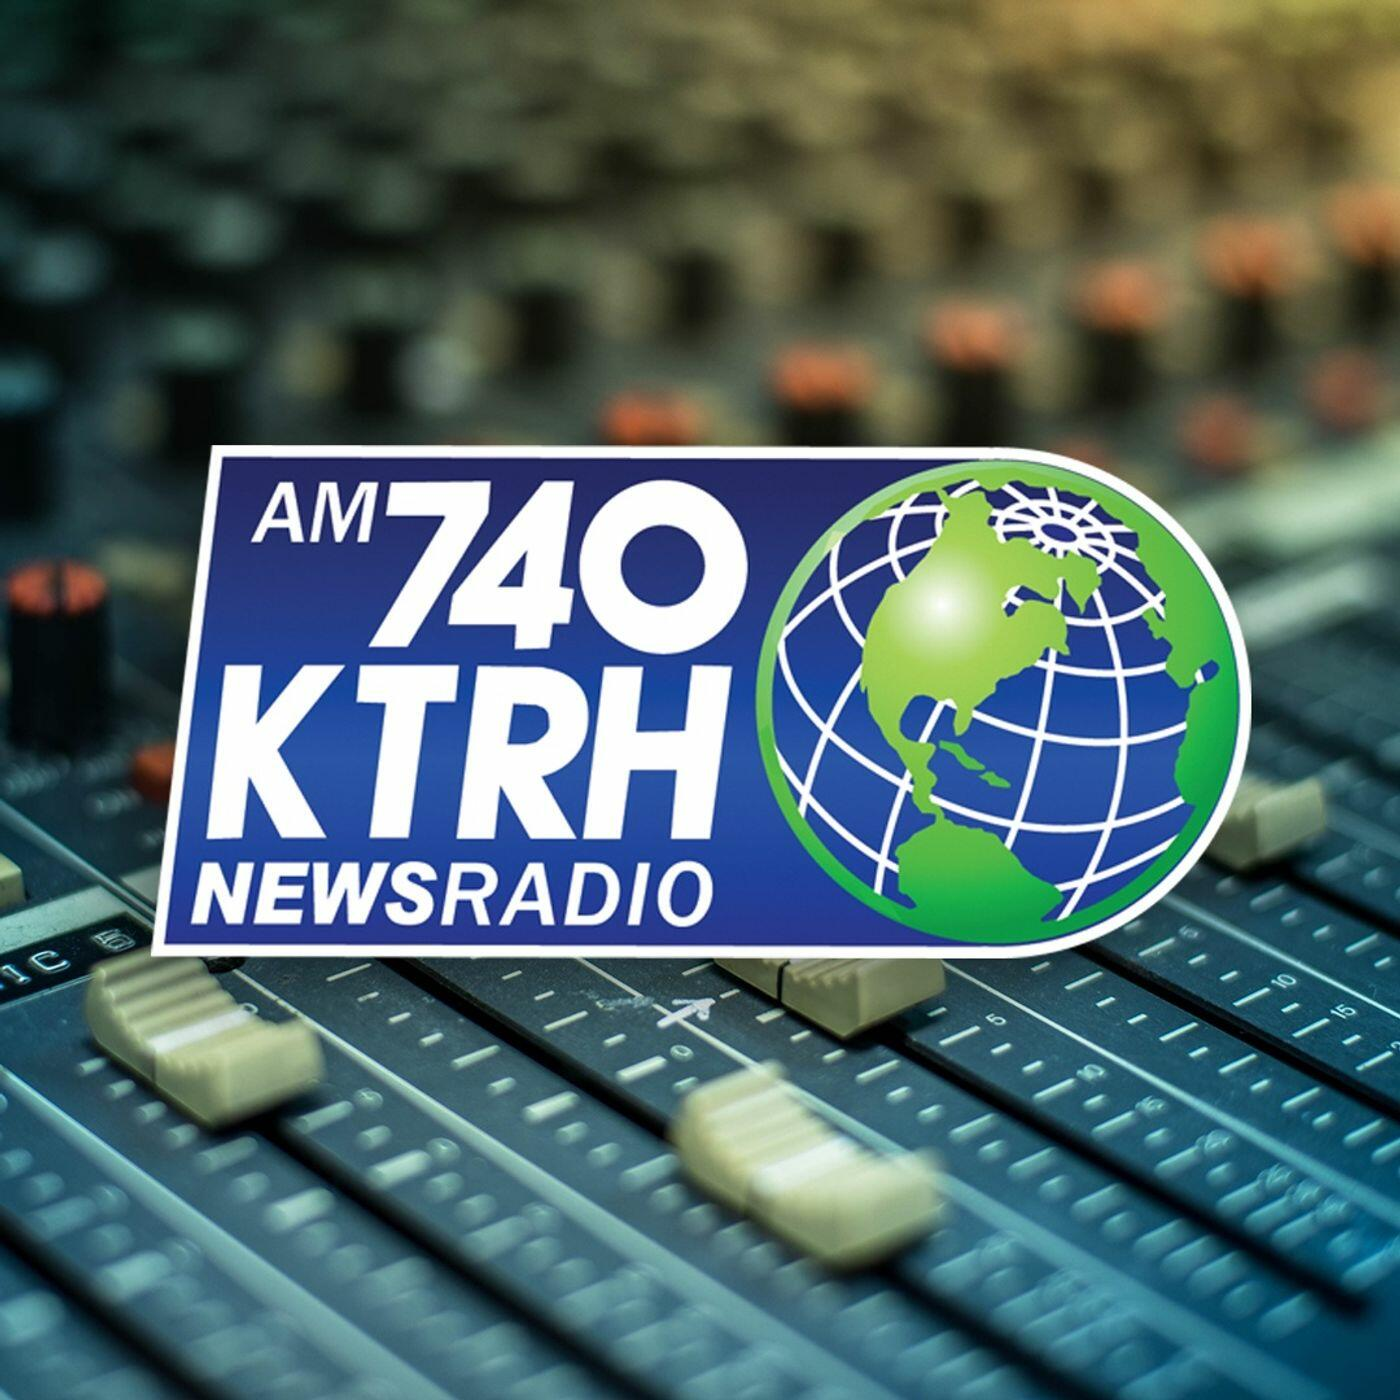 KTRH News